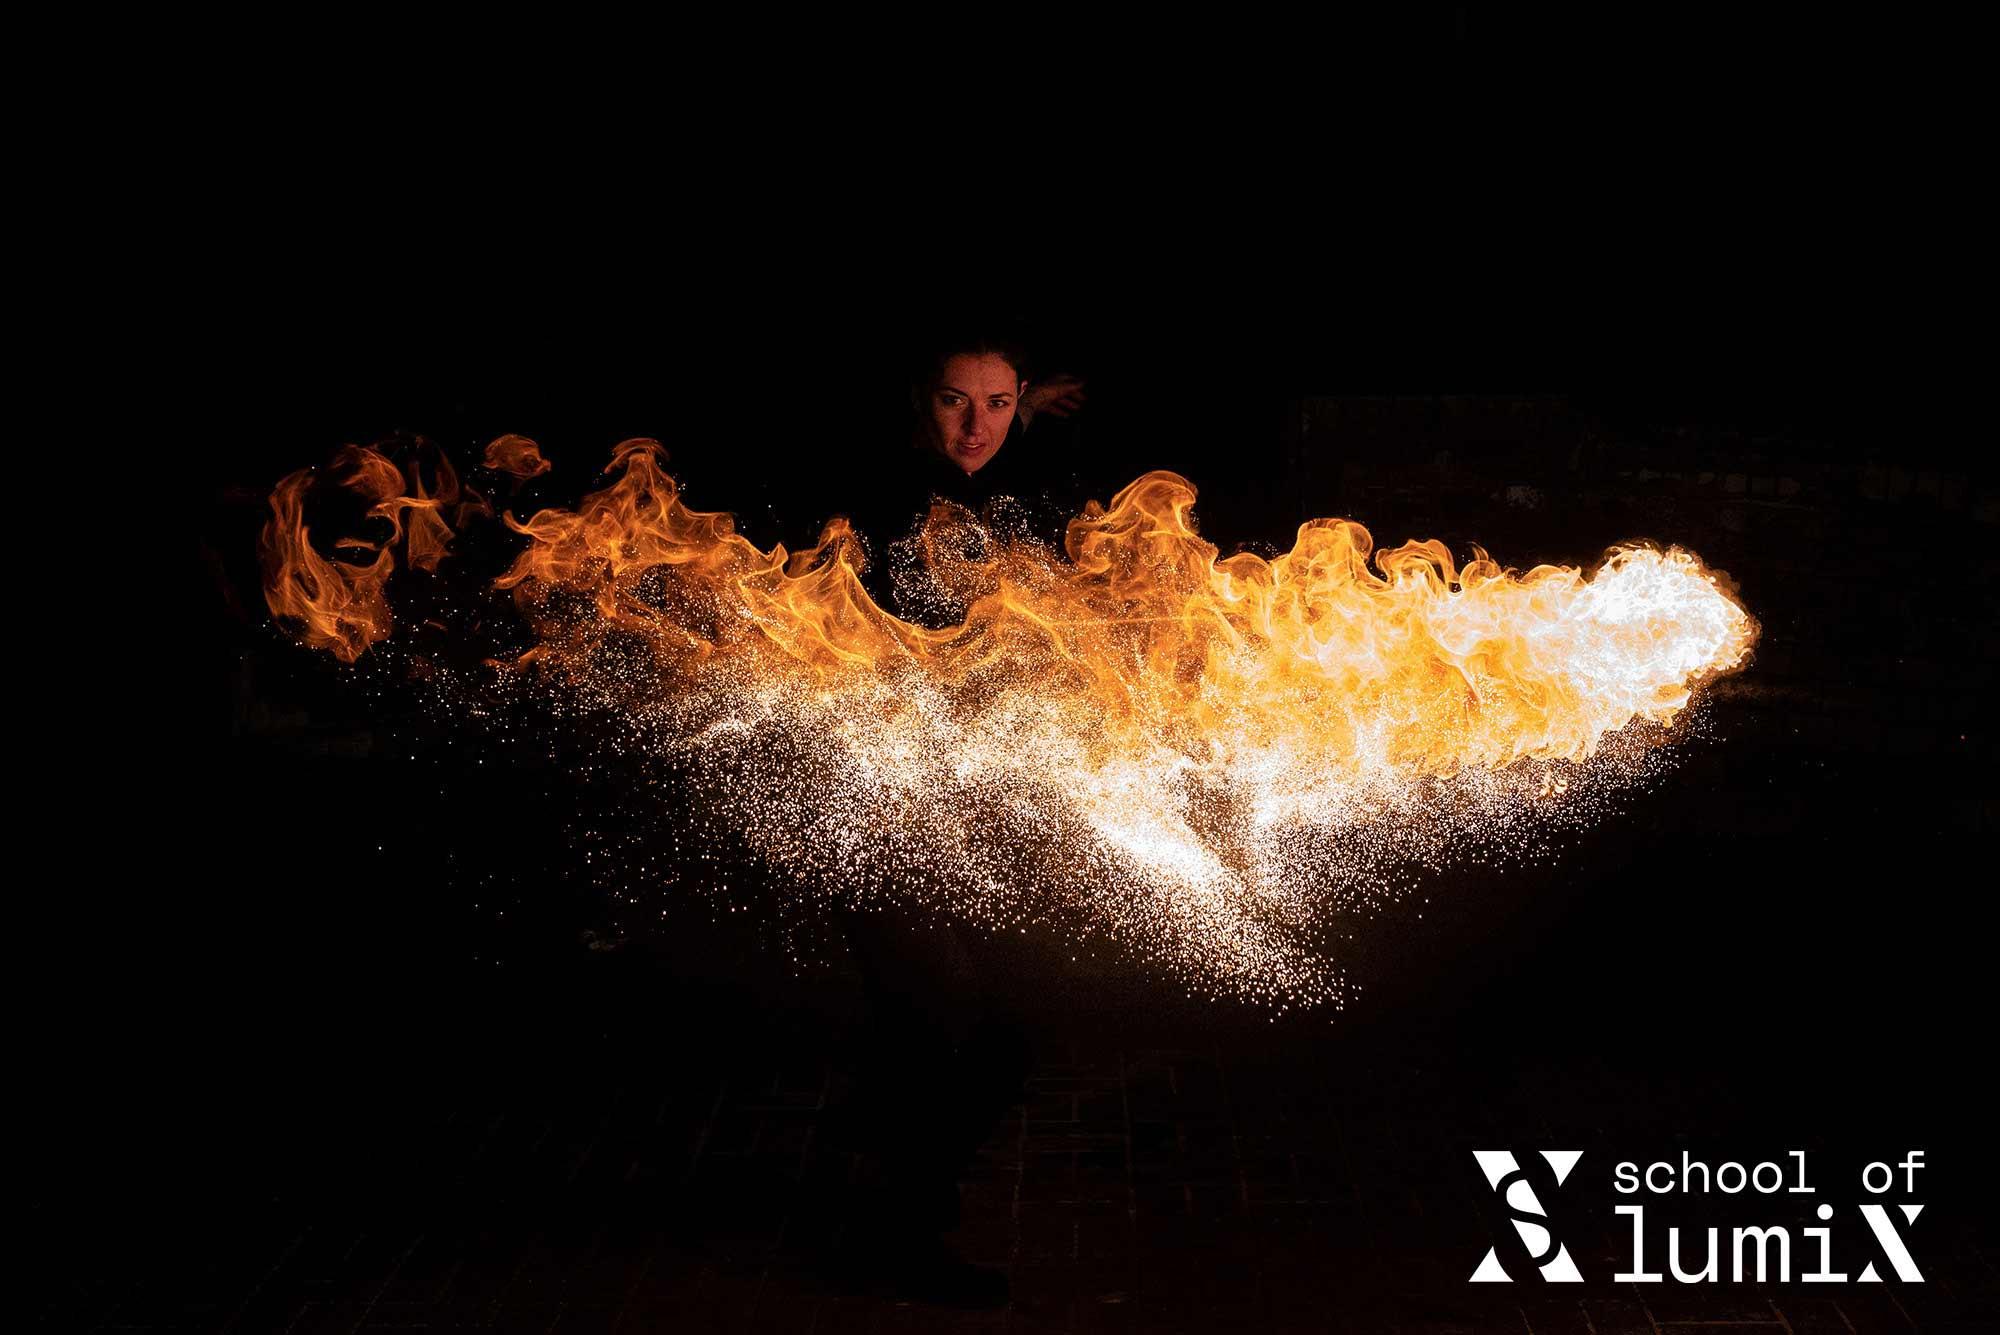 Fire Fotoevent Lumix